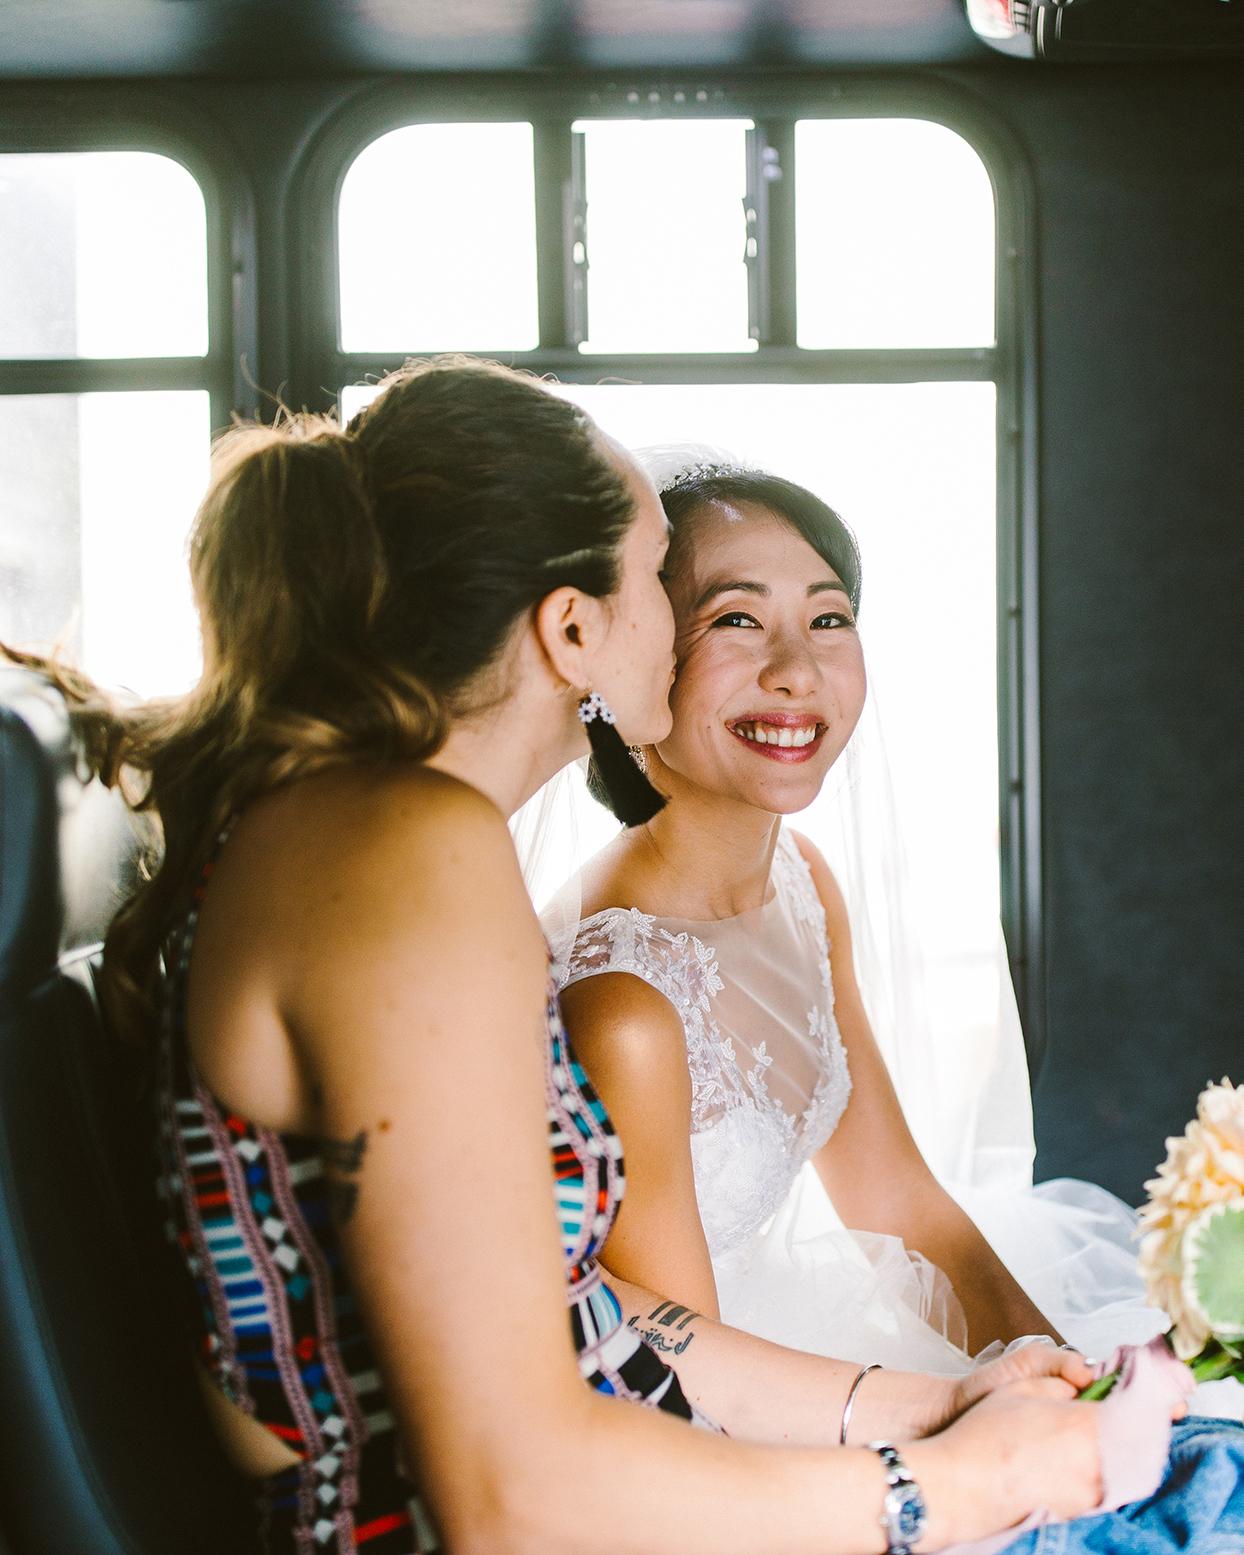 bride and bridesmaid on wedding bus